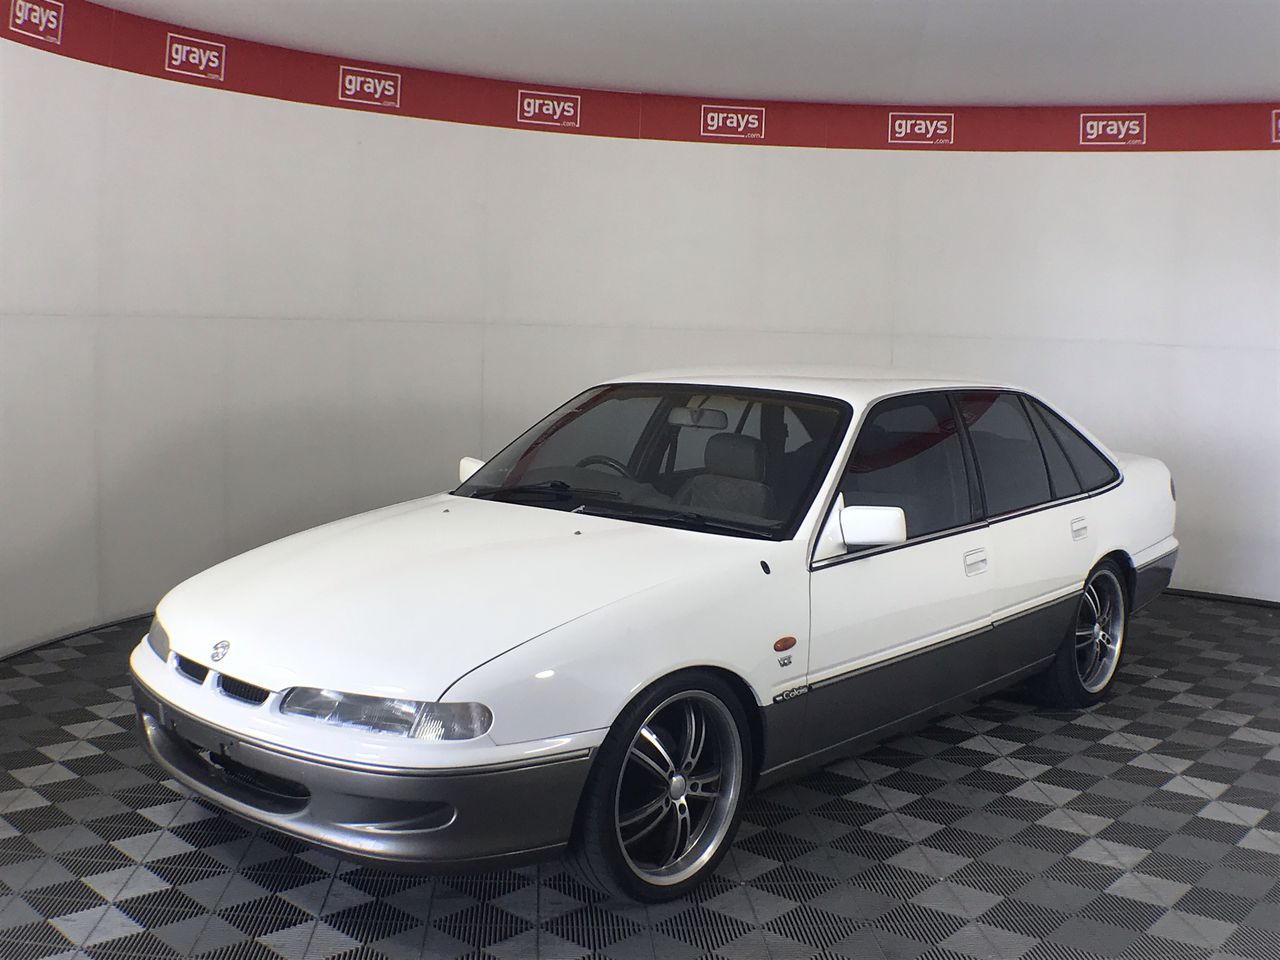 1996 Holden Calais VS Automatic Sedan 68,686 kms